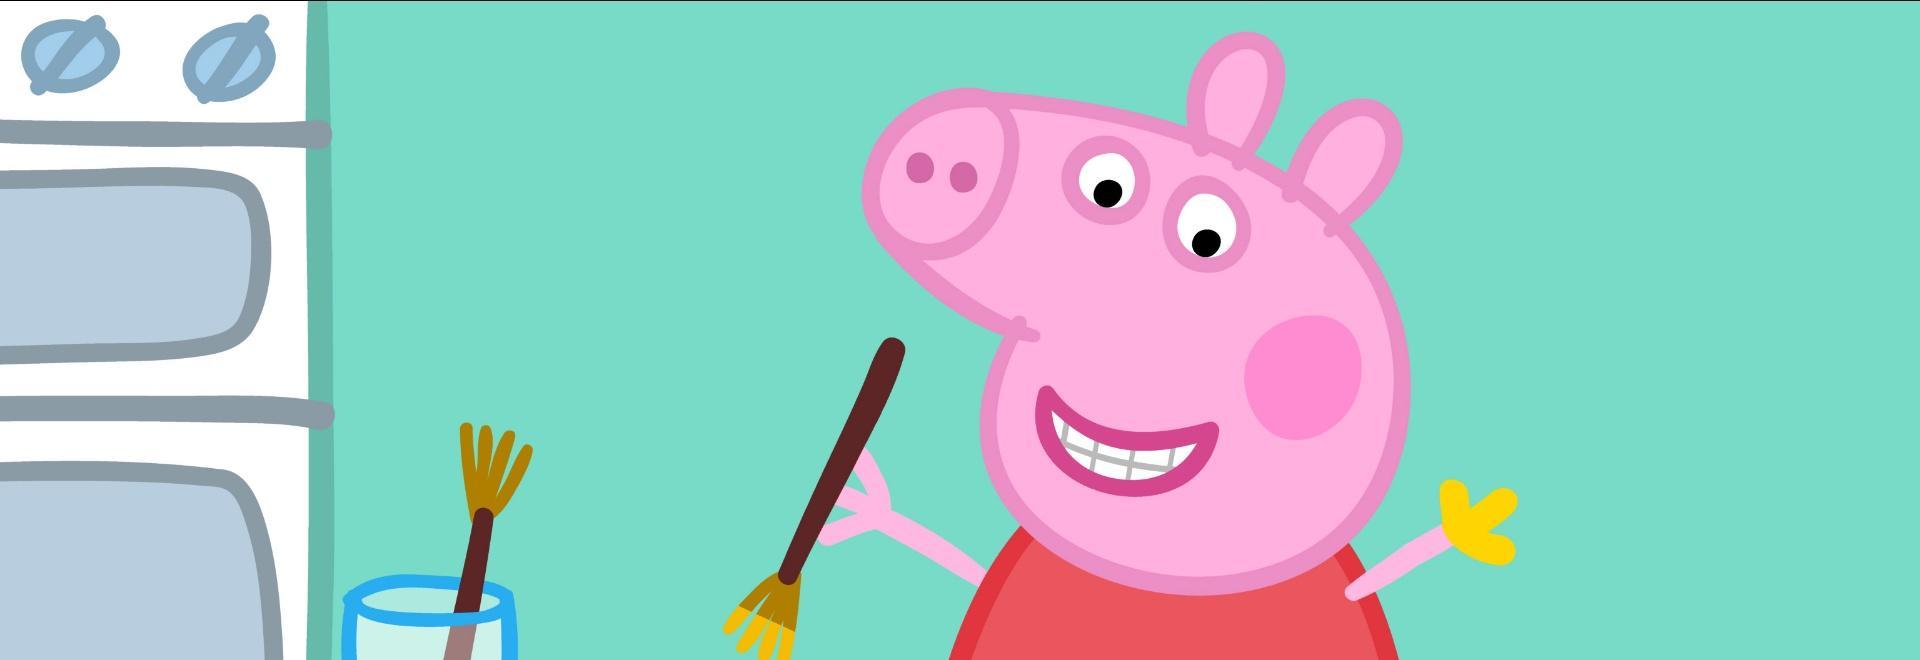 Il compleanno di Papà Pig